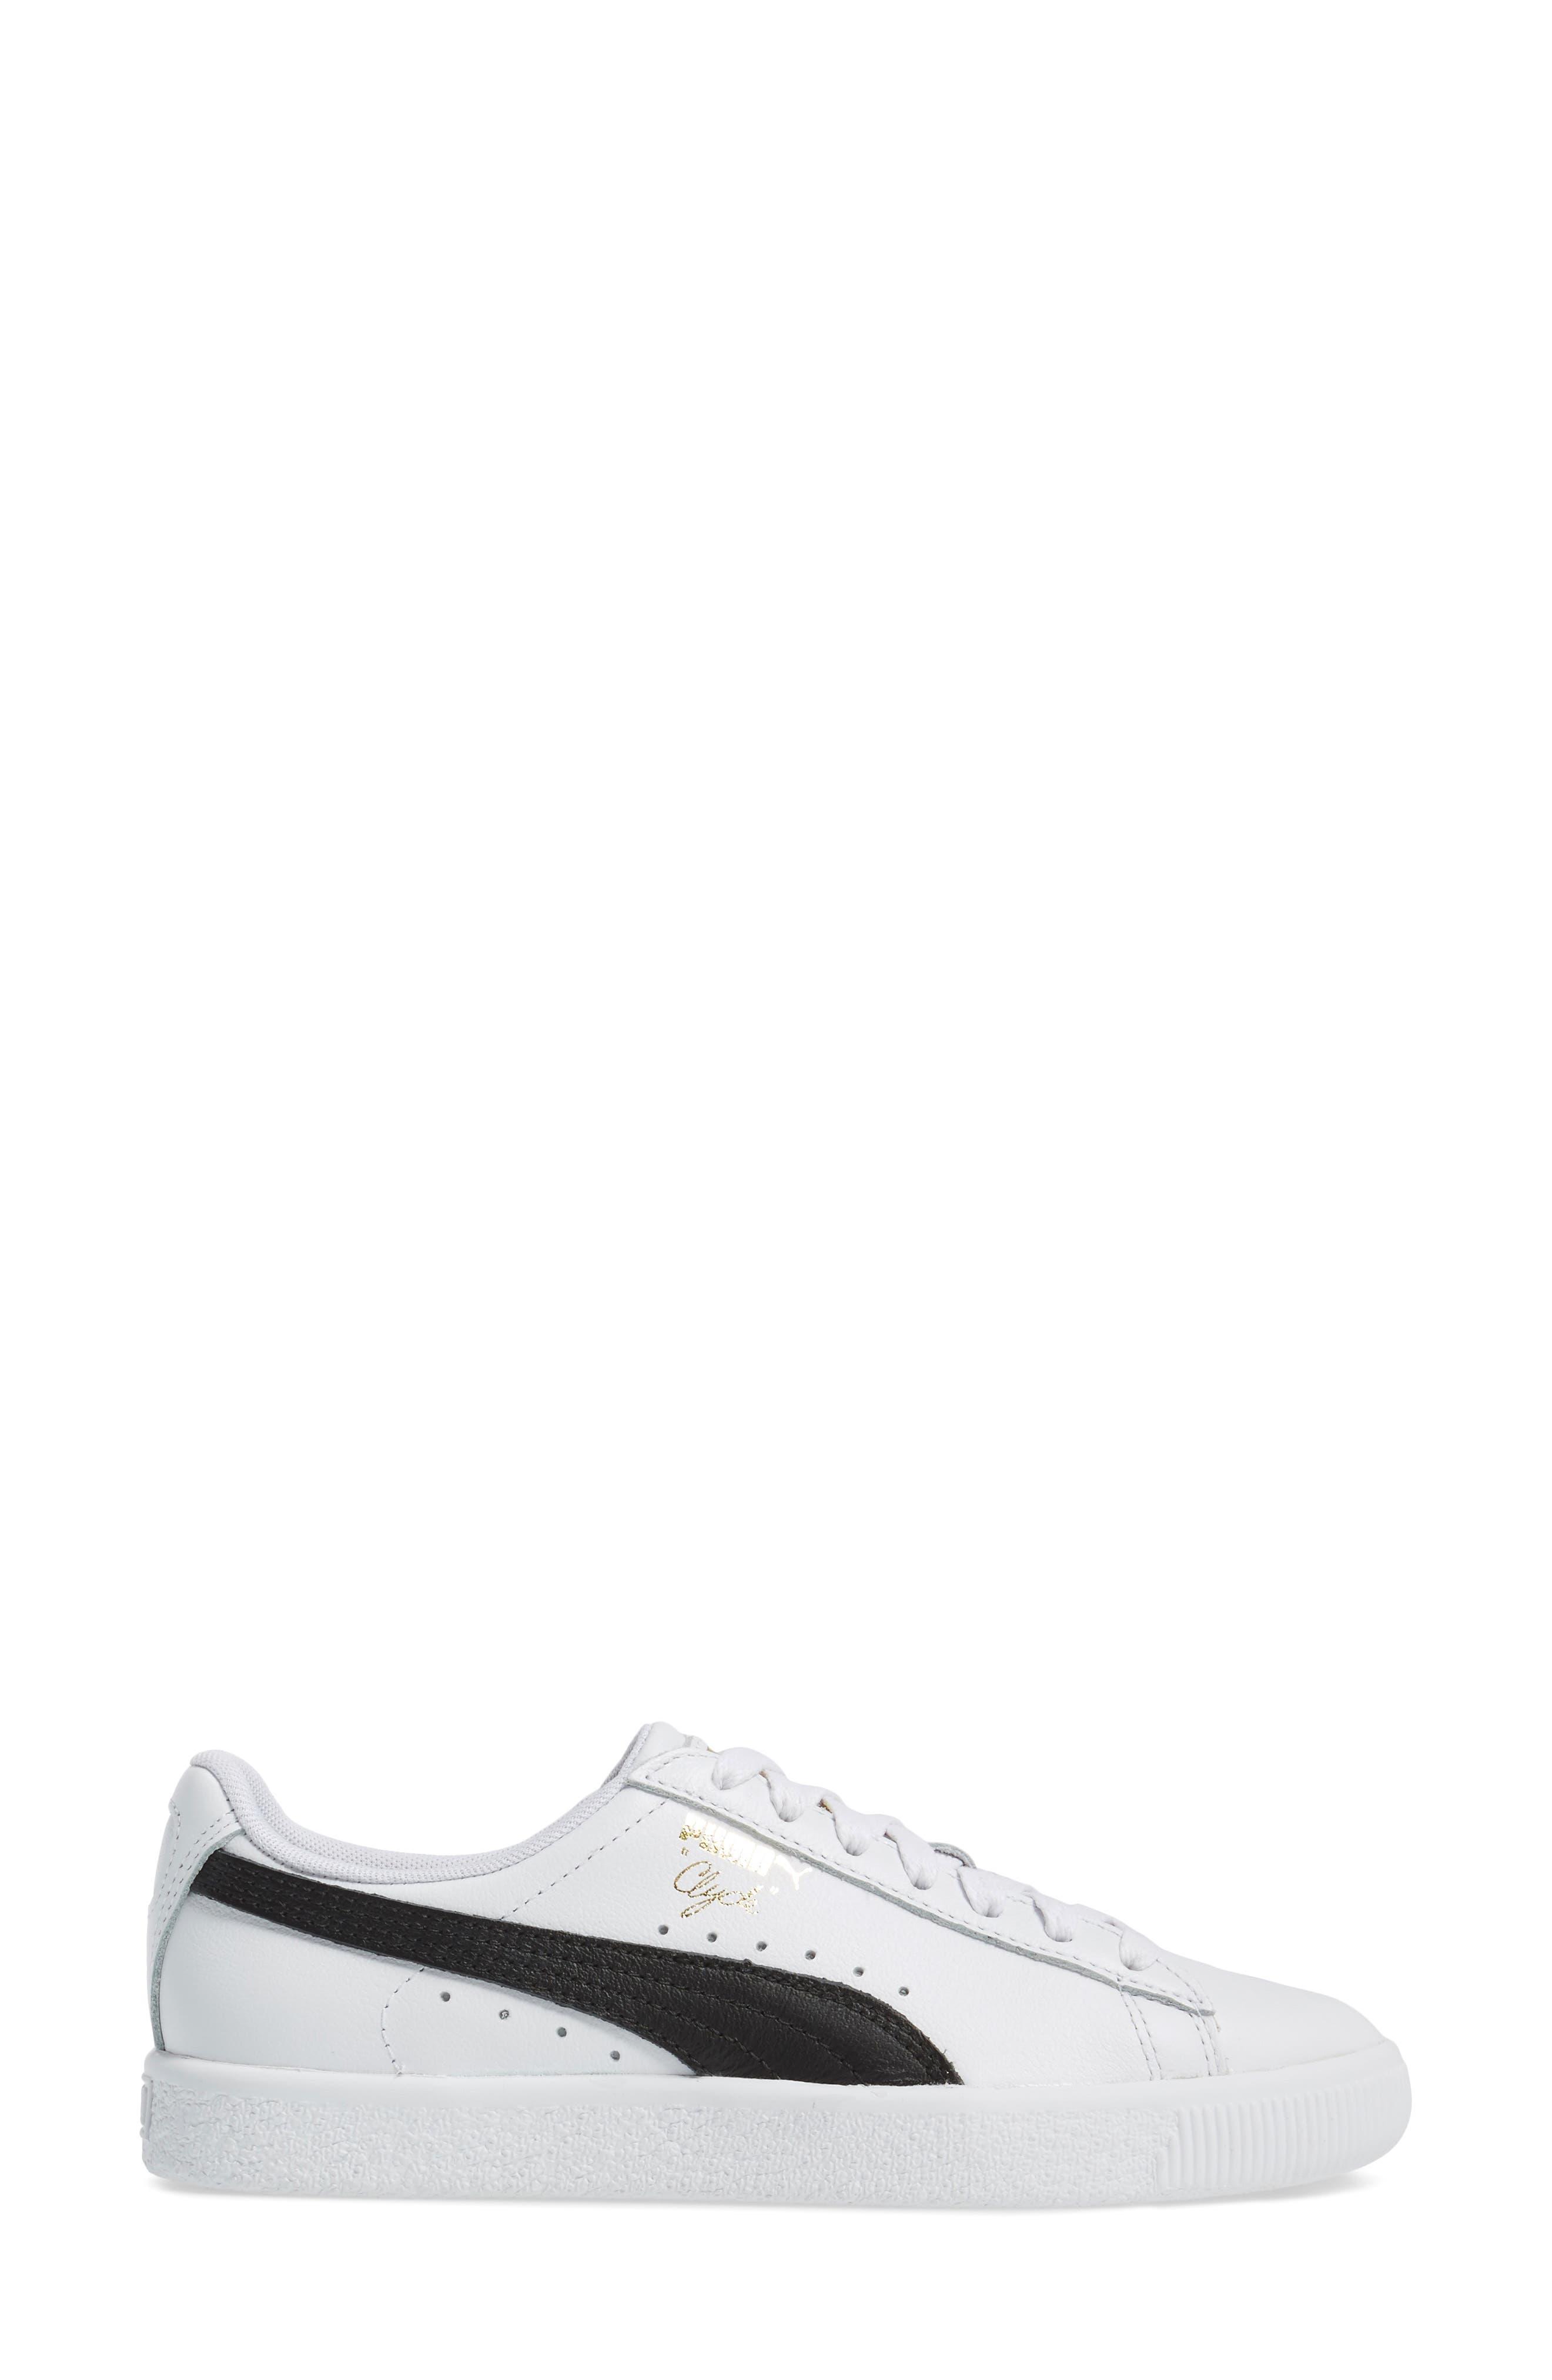 Clyde Sneaker,                             Alternate thumbnail 3, color,                             WHITE/ BLACK/ GOLD